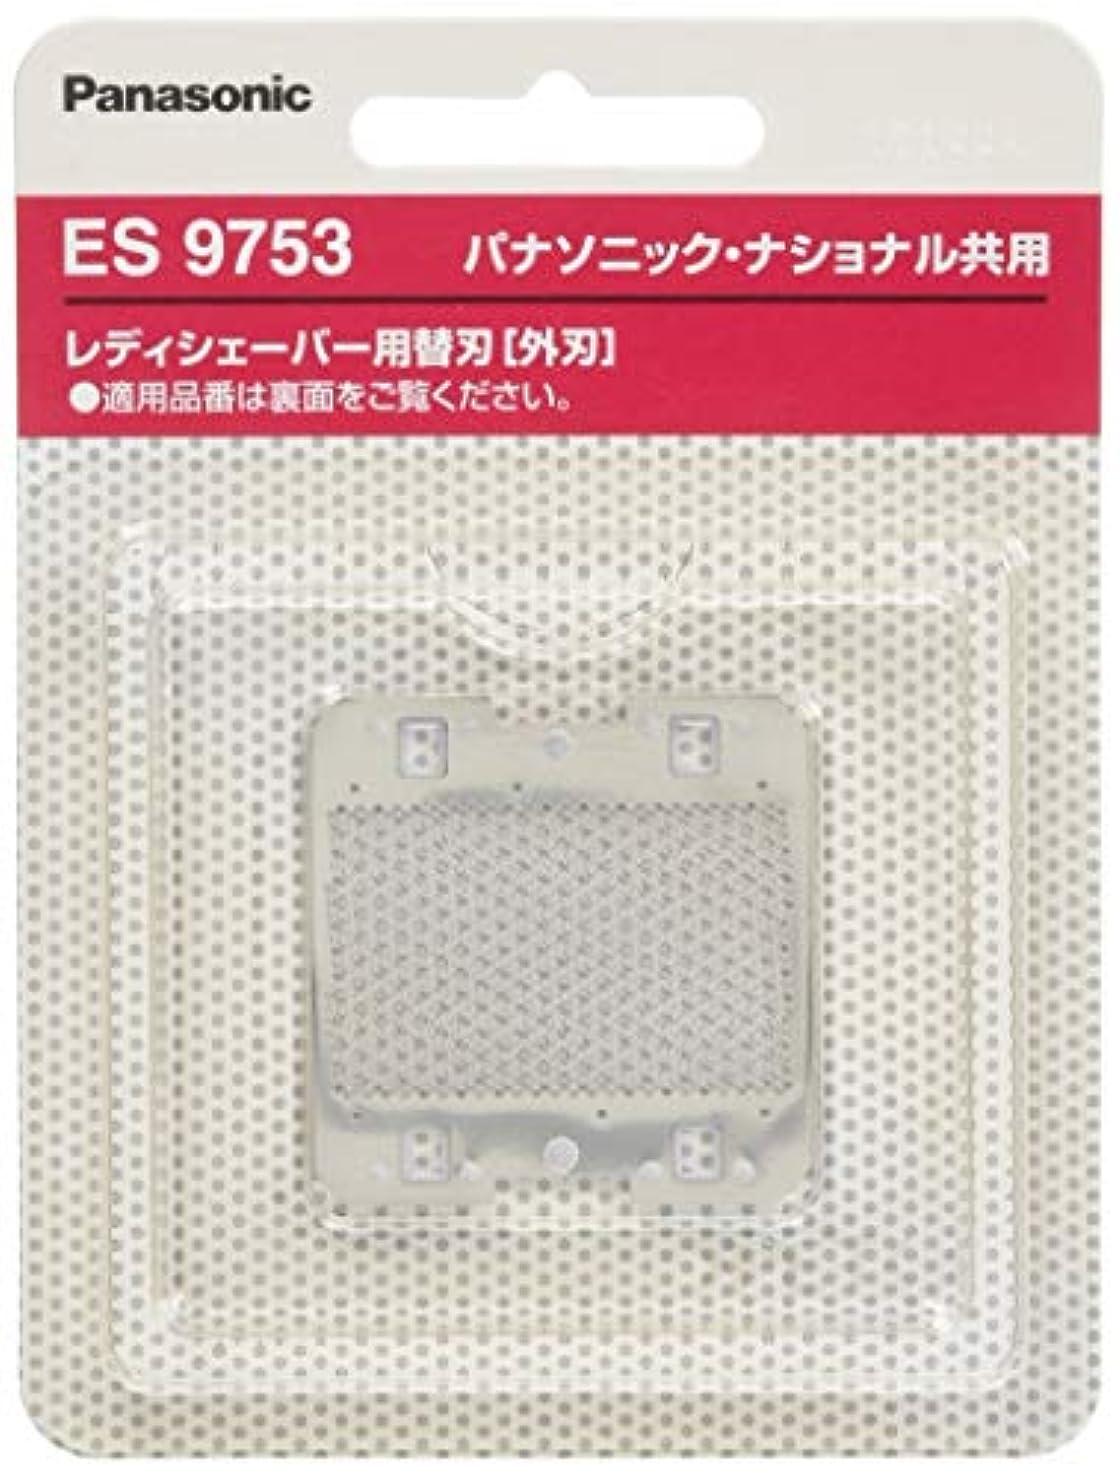 悪魔乏しい歌詞パナソニック 替刃 レディシェーバー用 ES9753